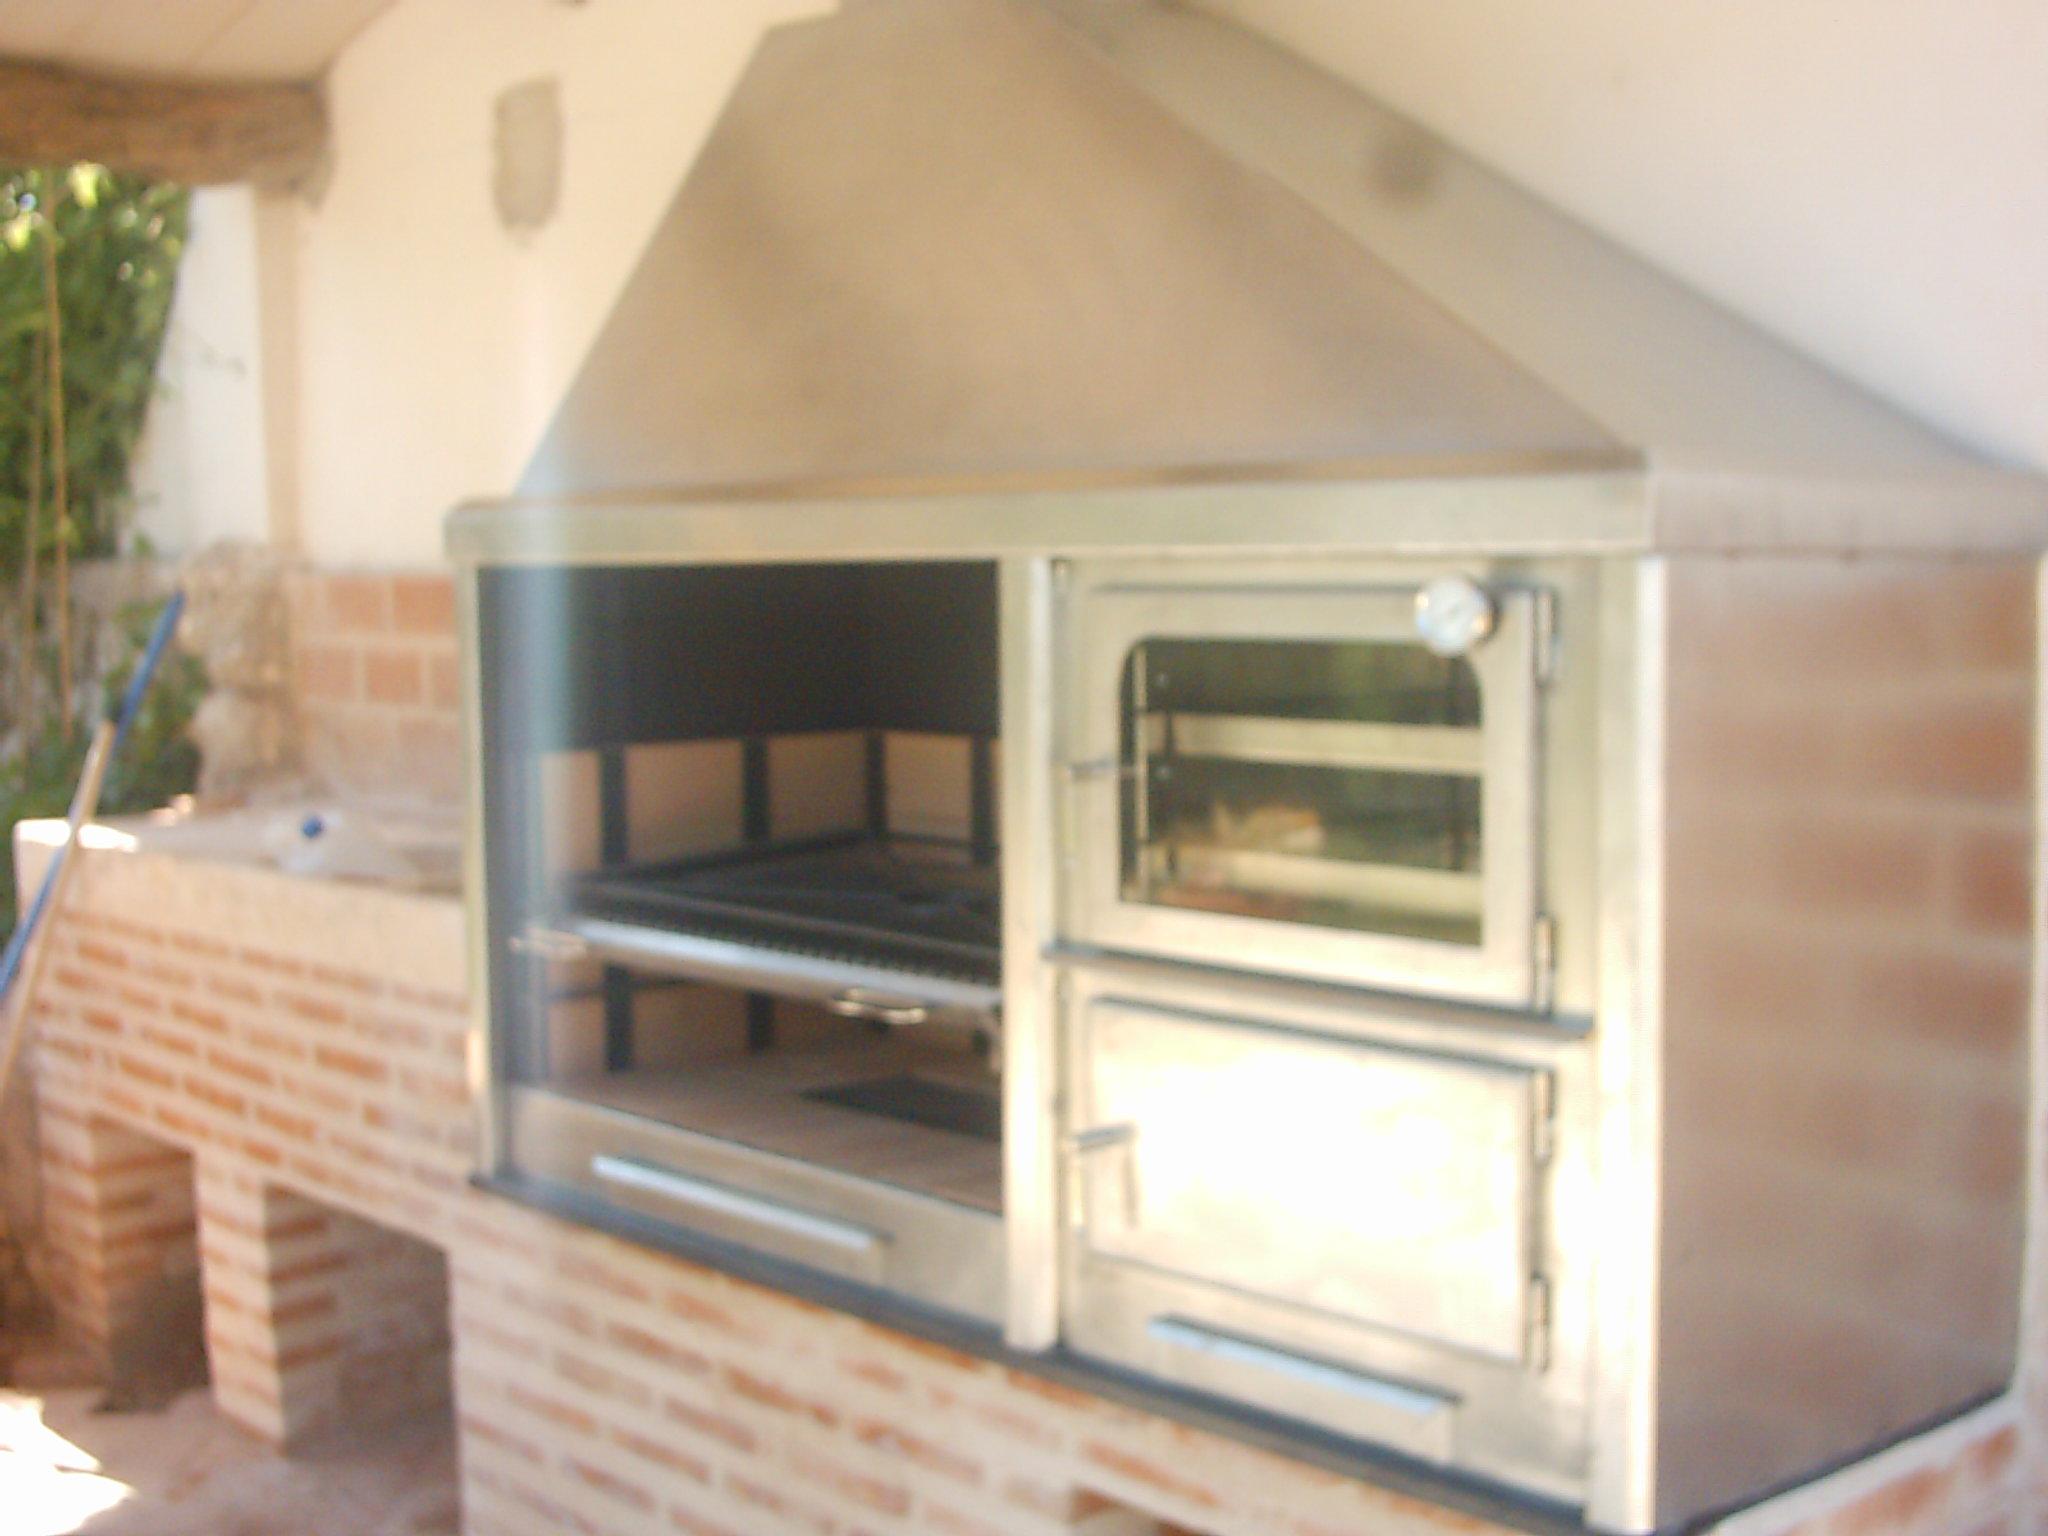 Barbacoas y hornos ecospain mediterranea ingenieria del confort - Horno de lena y barbacoa ...